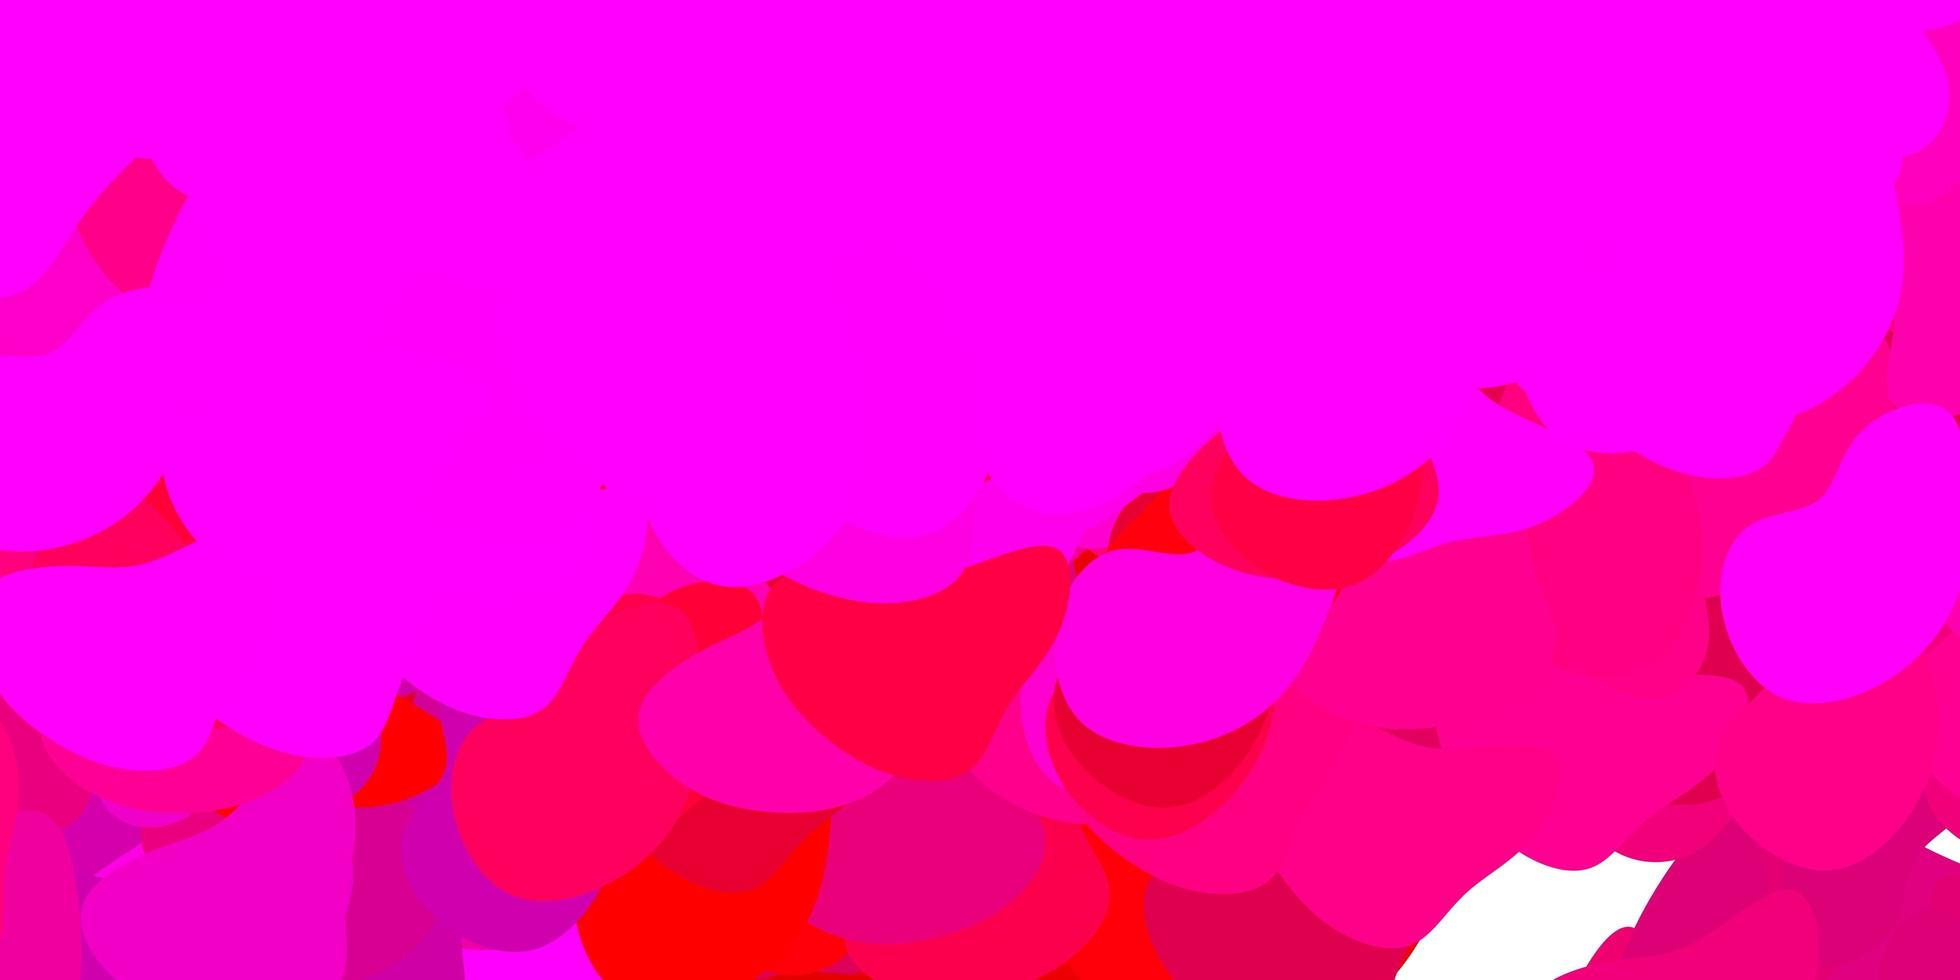 mörkrosa vektorbakgrund med slumpmässiga former. vektor